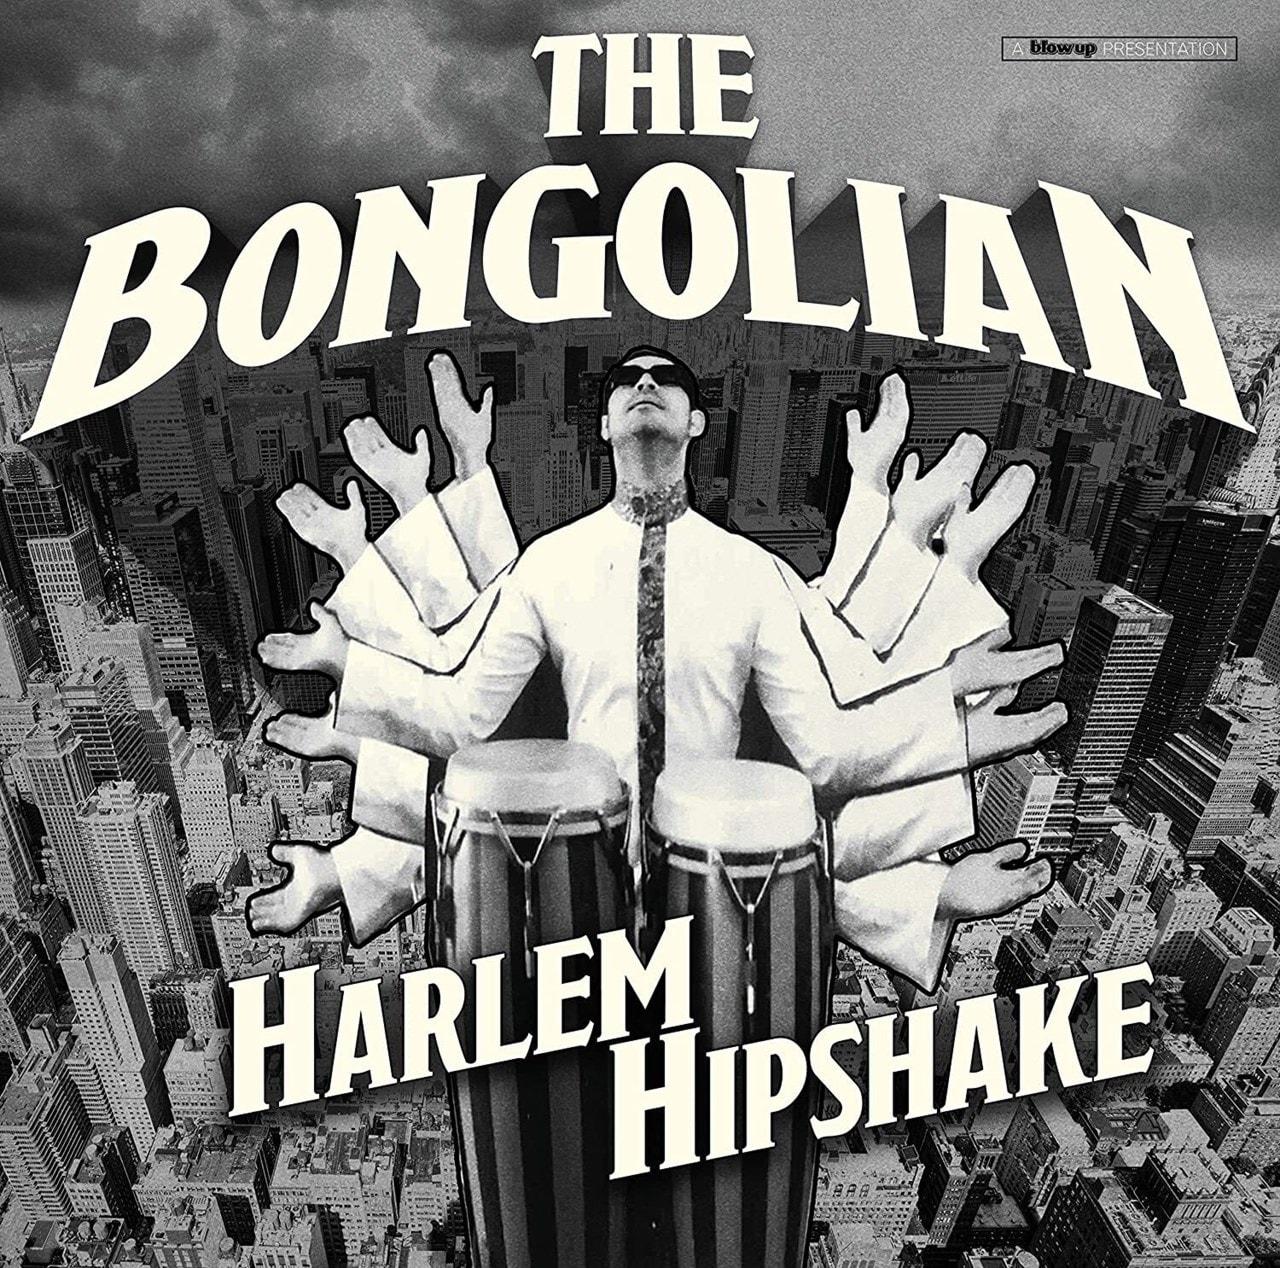 Harlem Hipshake - 1